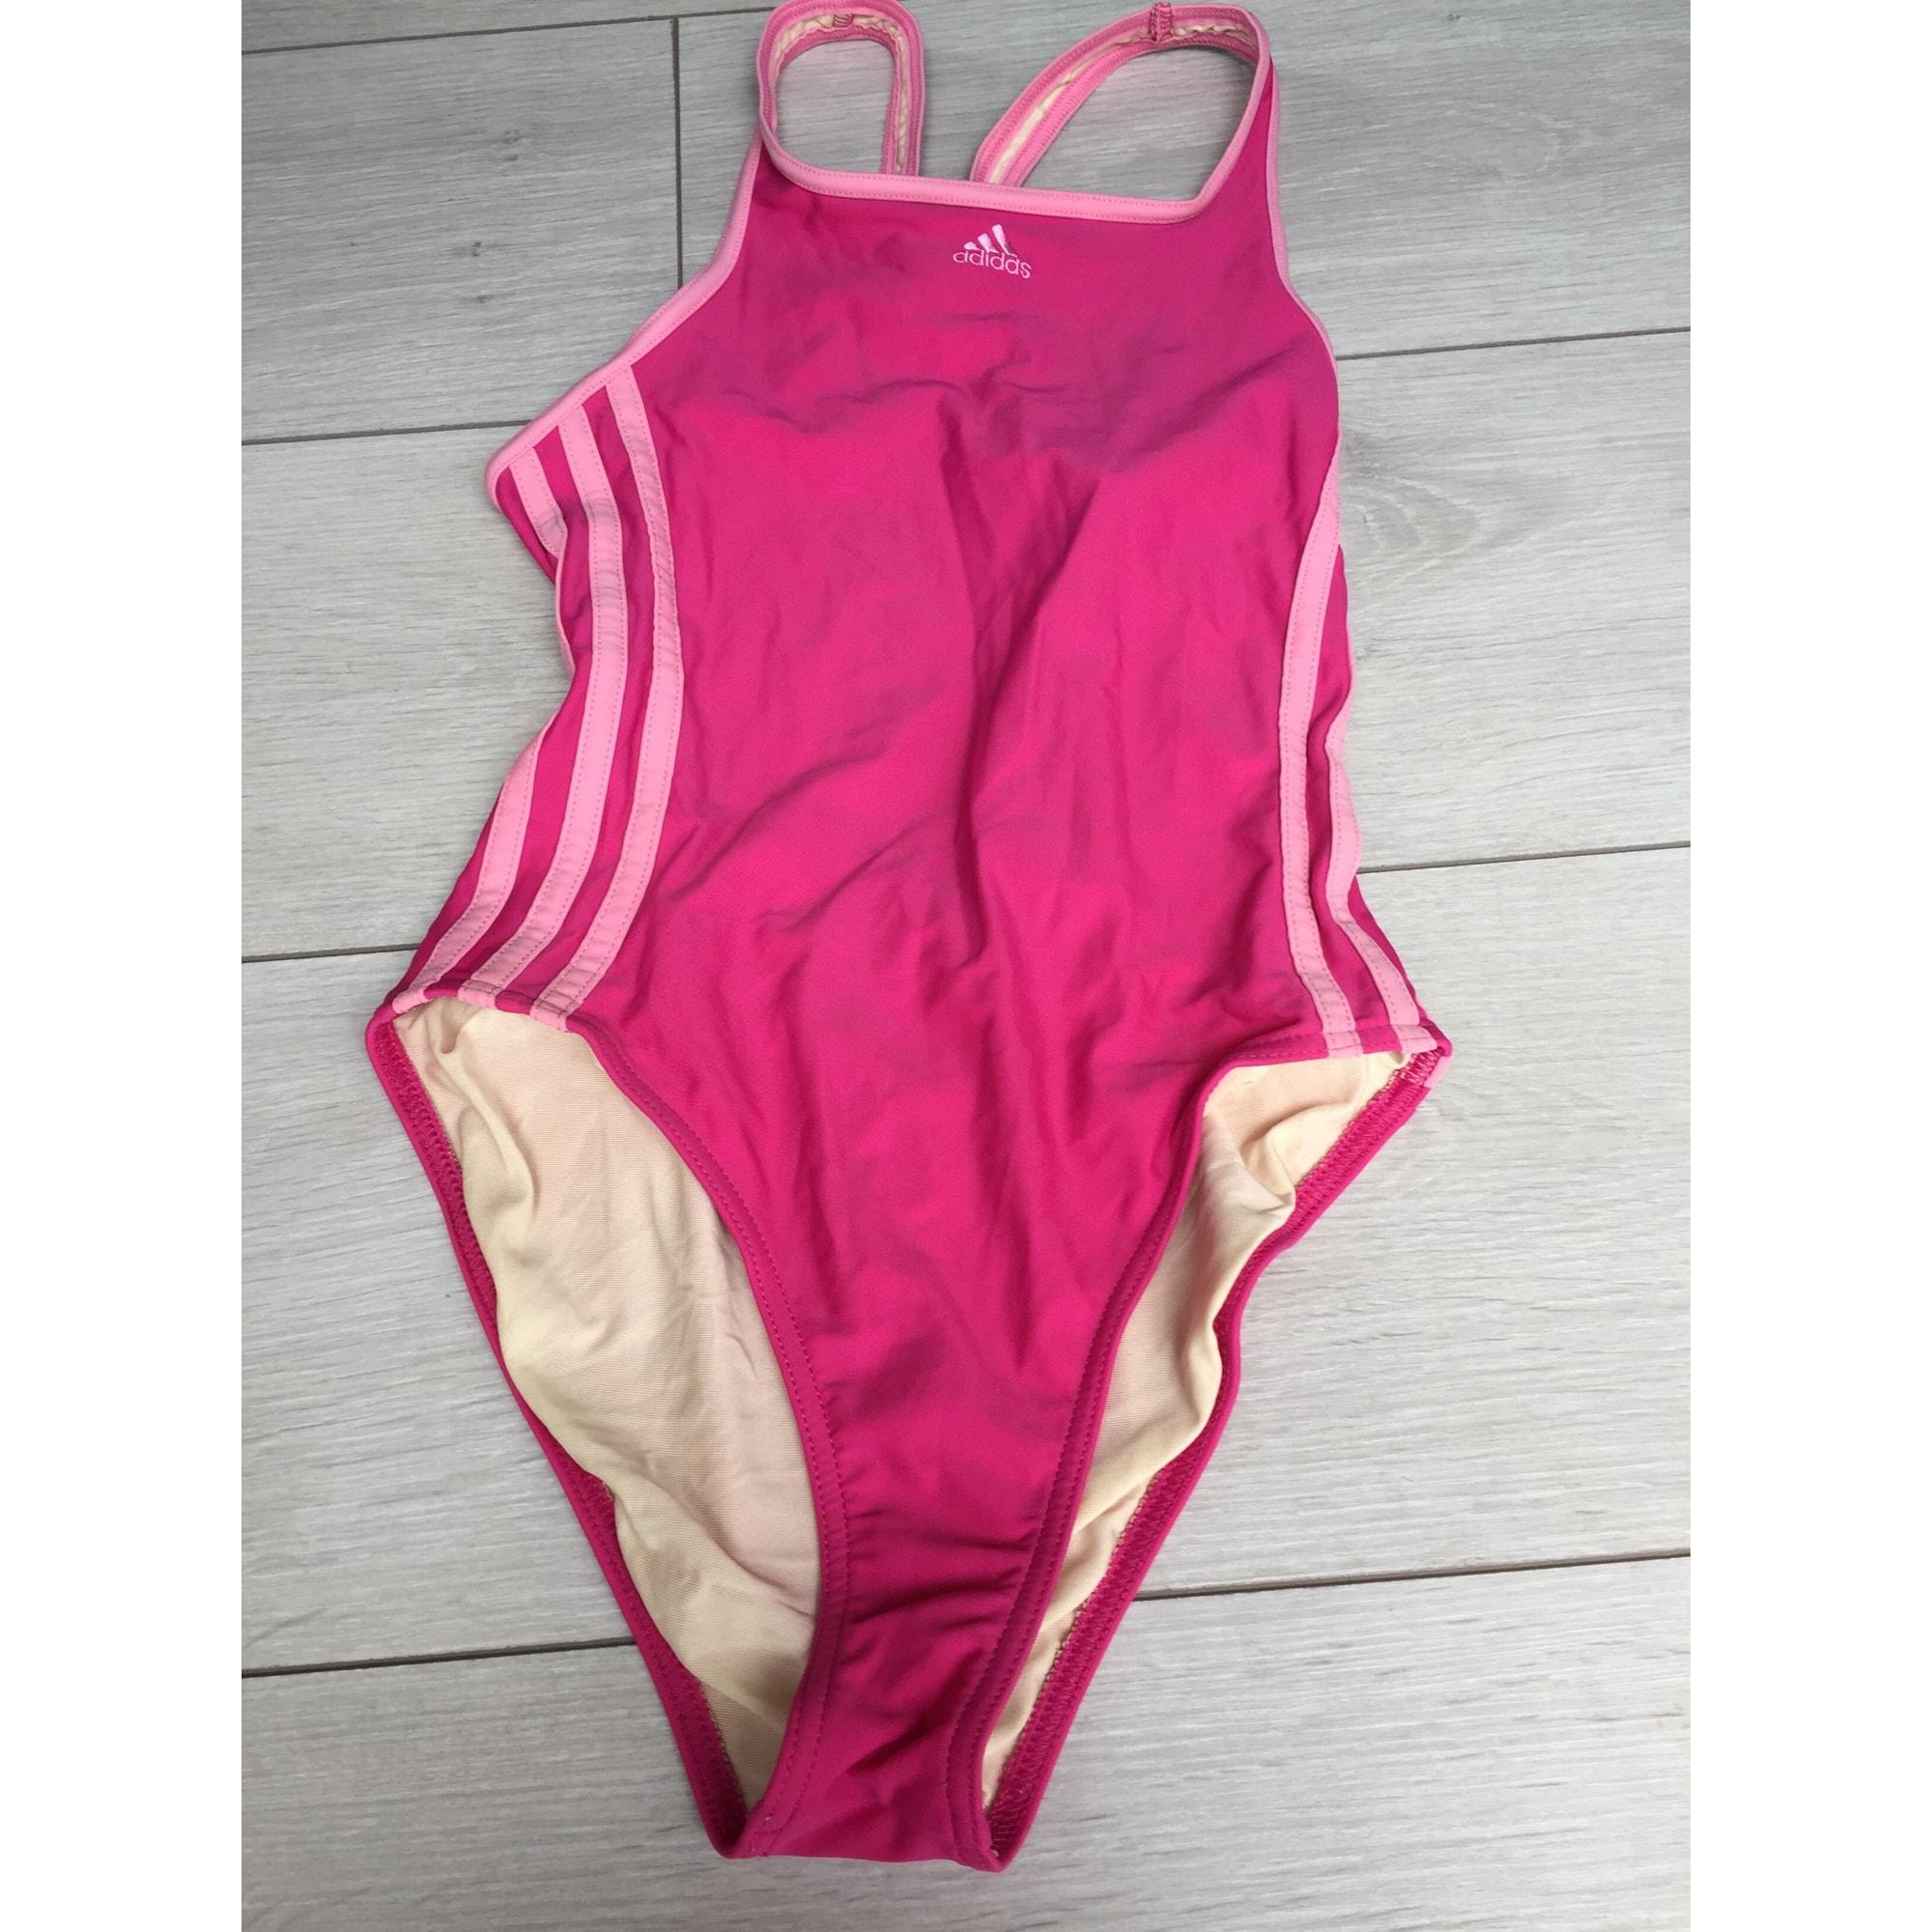 Maillot de natation ADIDAS Rose, fuschia, vieux rose